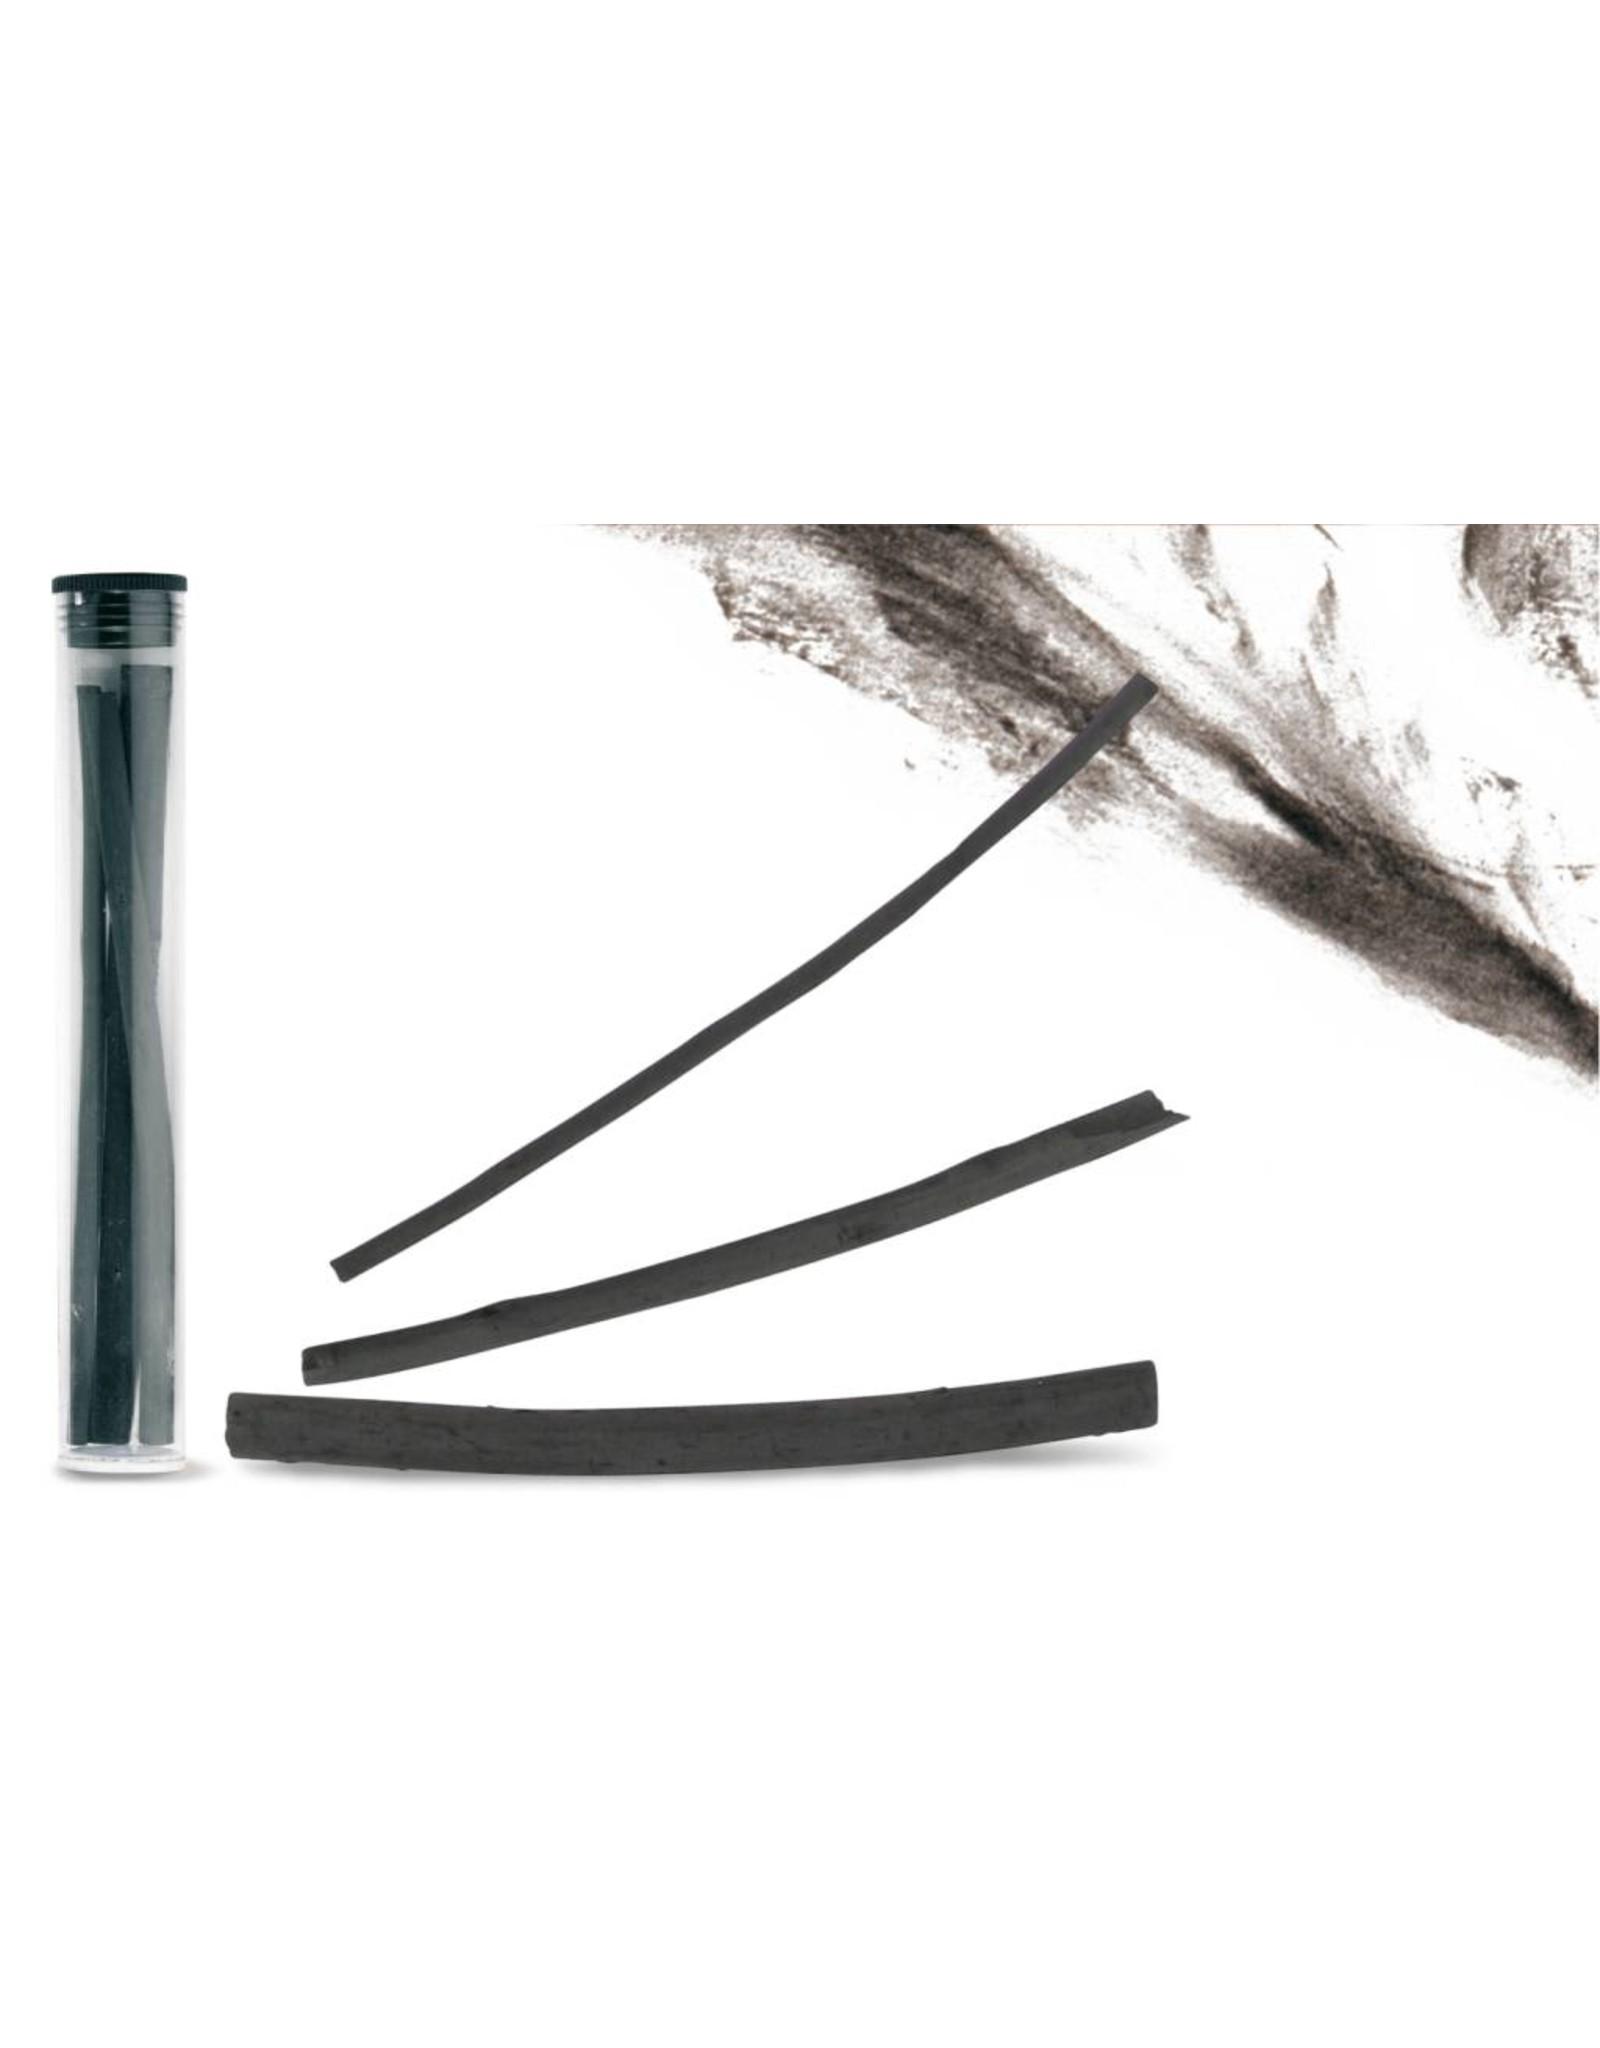 Caran d'Ache Natuurlijke houtskool, plastiek tube met 3 suks